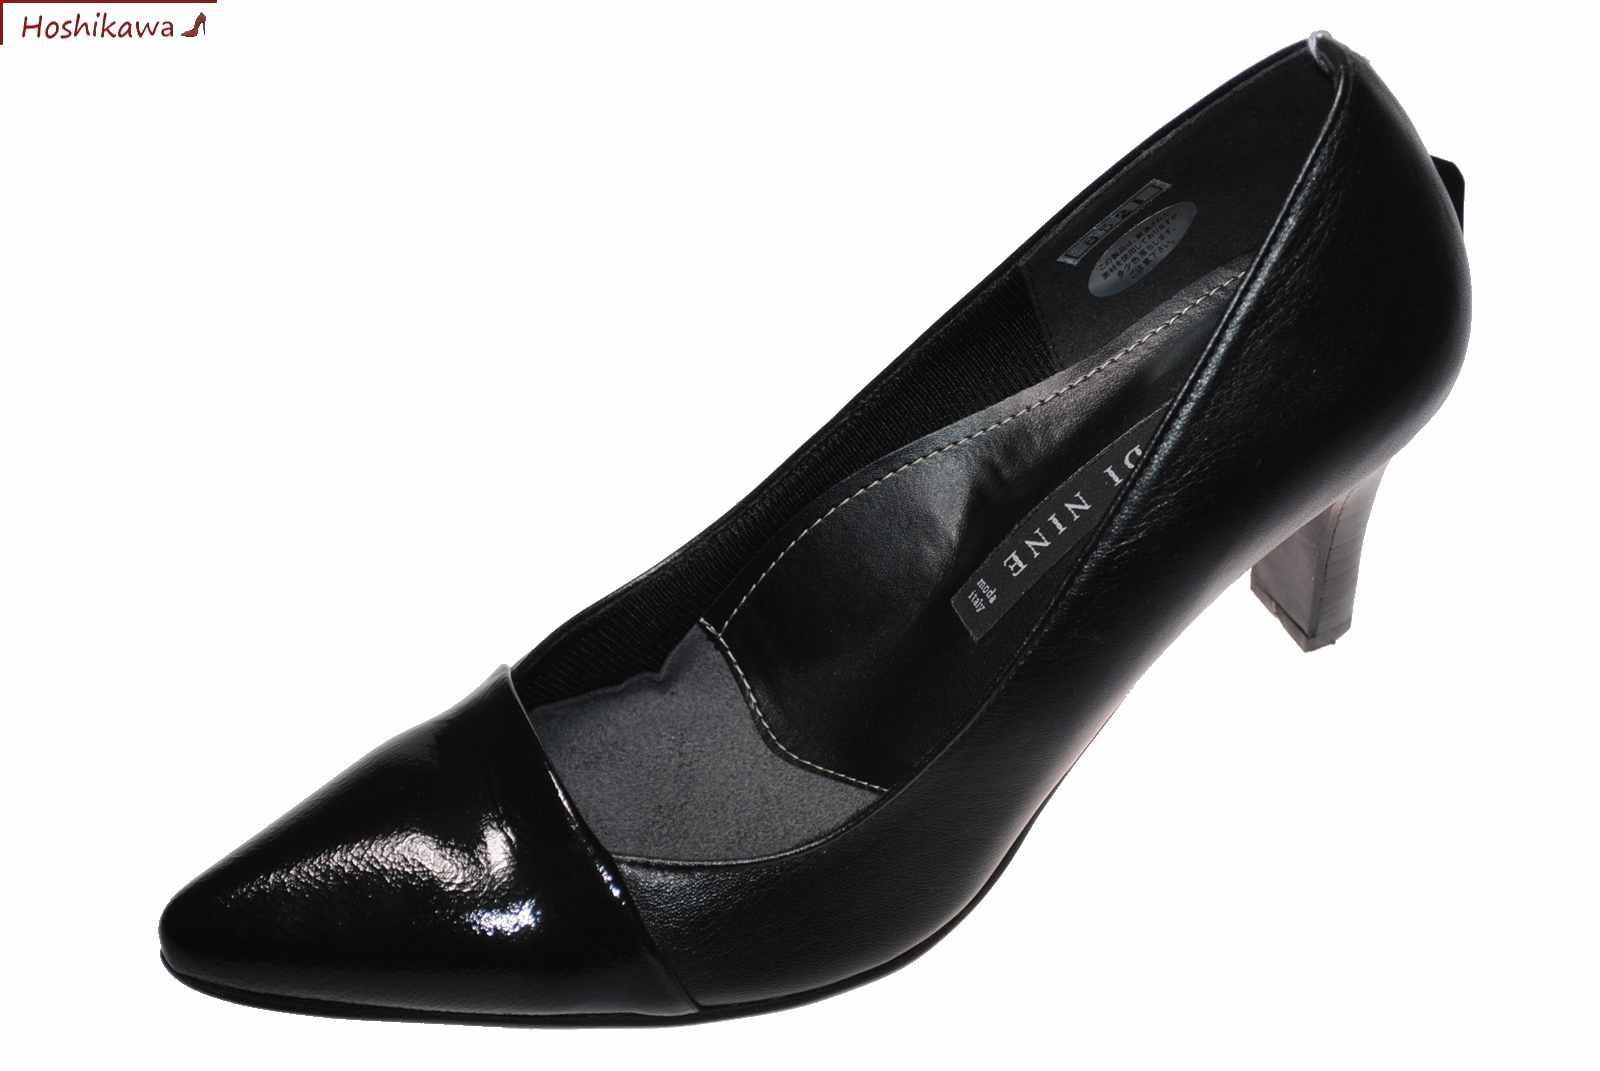 【靴のHOSHIKAWA】 『NINE DI NINE 8521』23cm 23.5cm